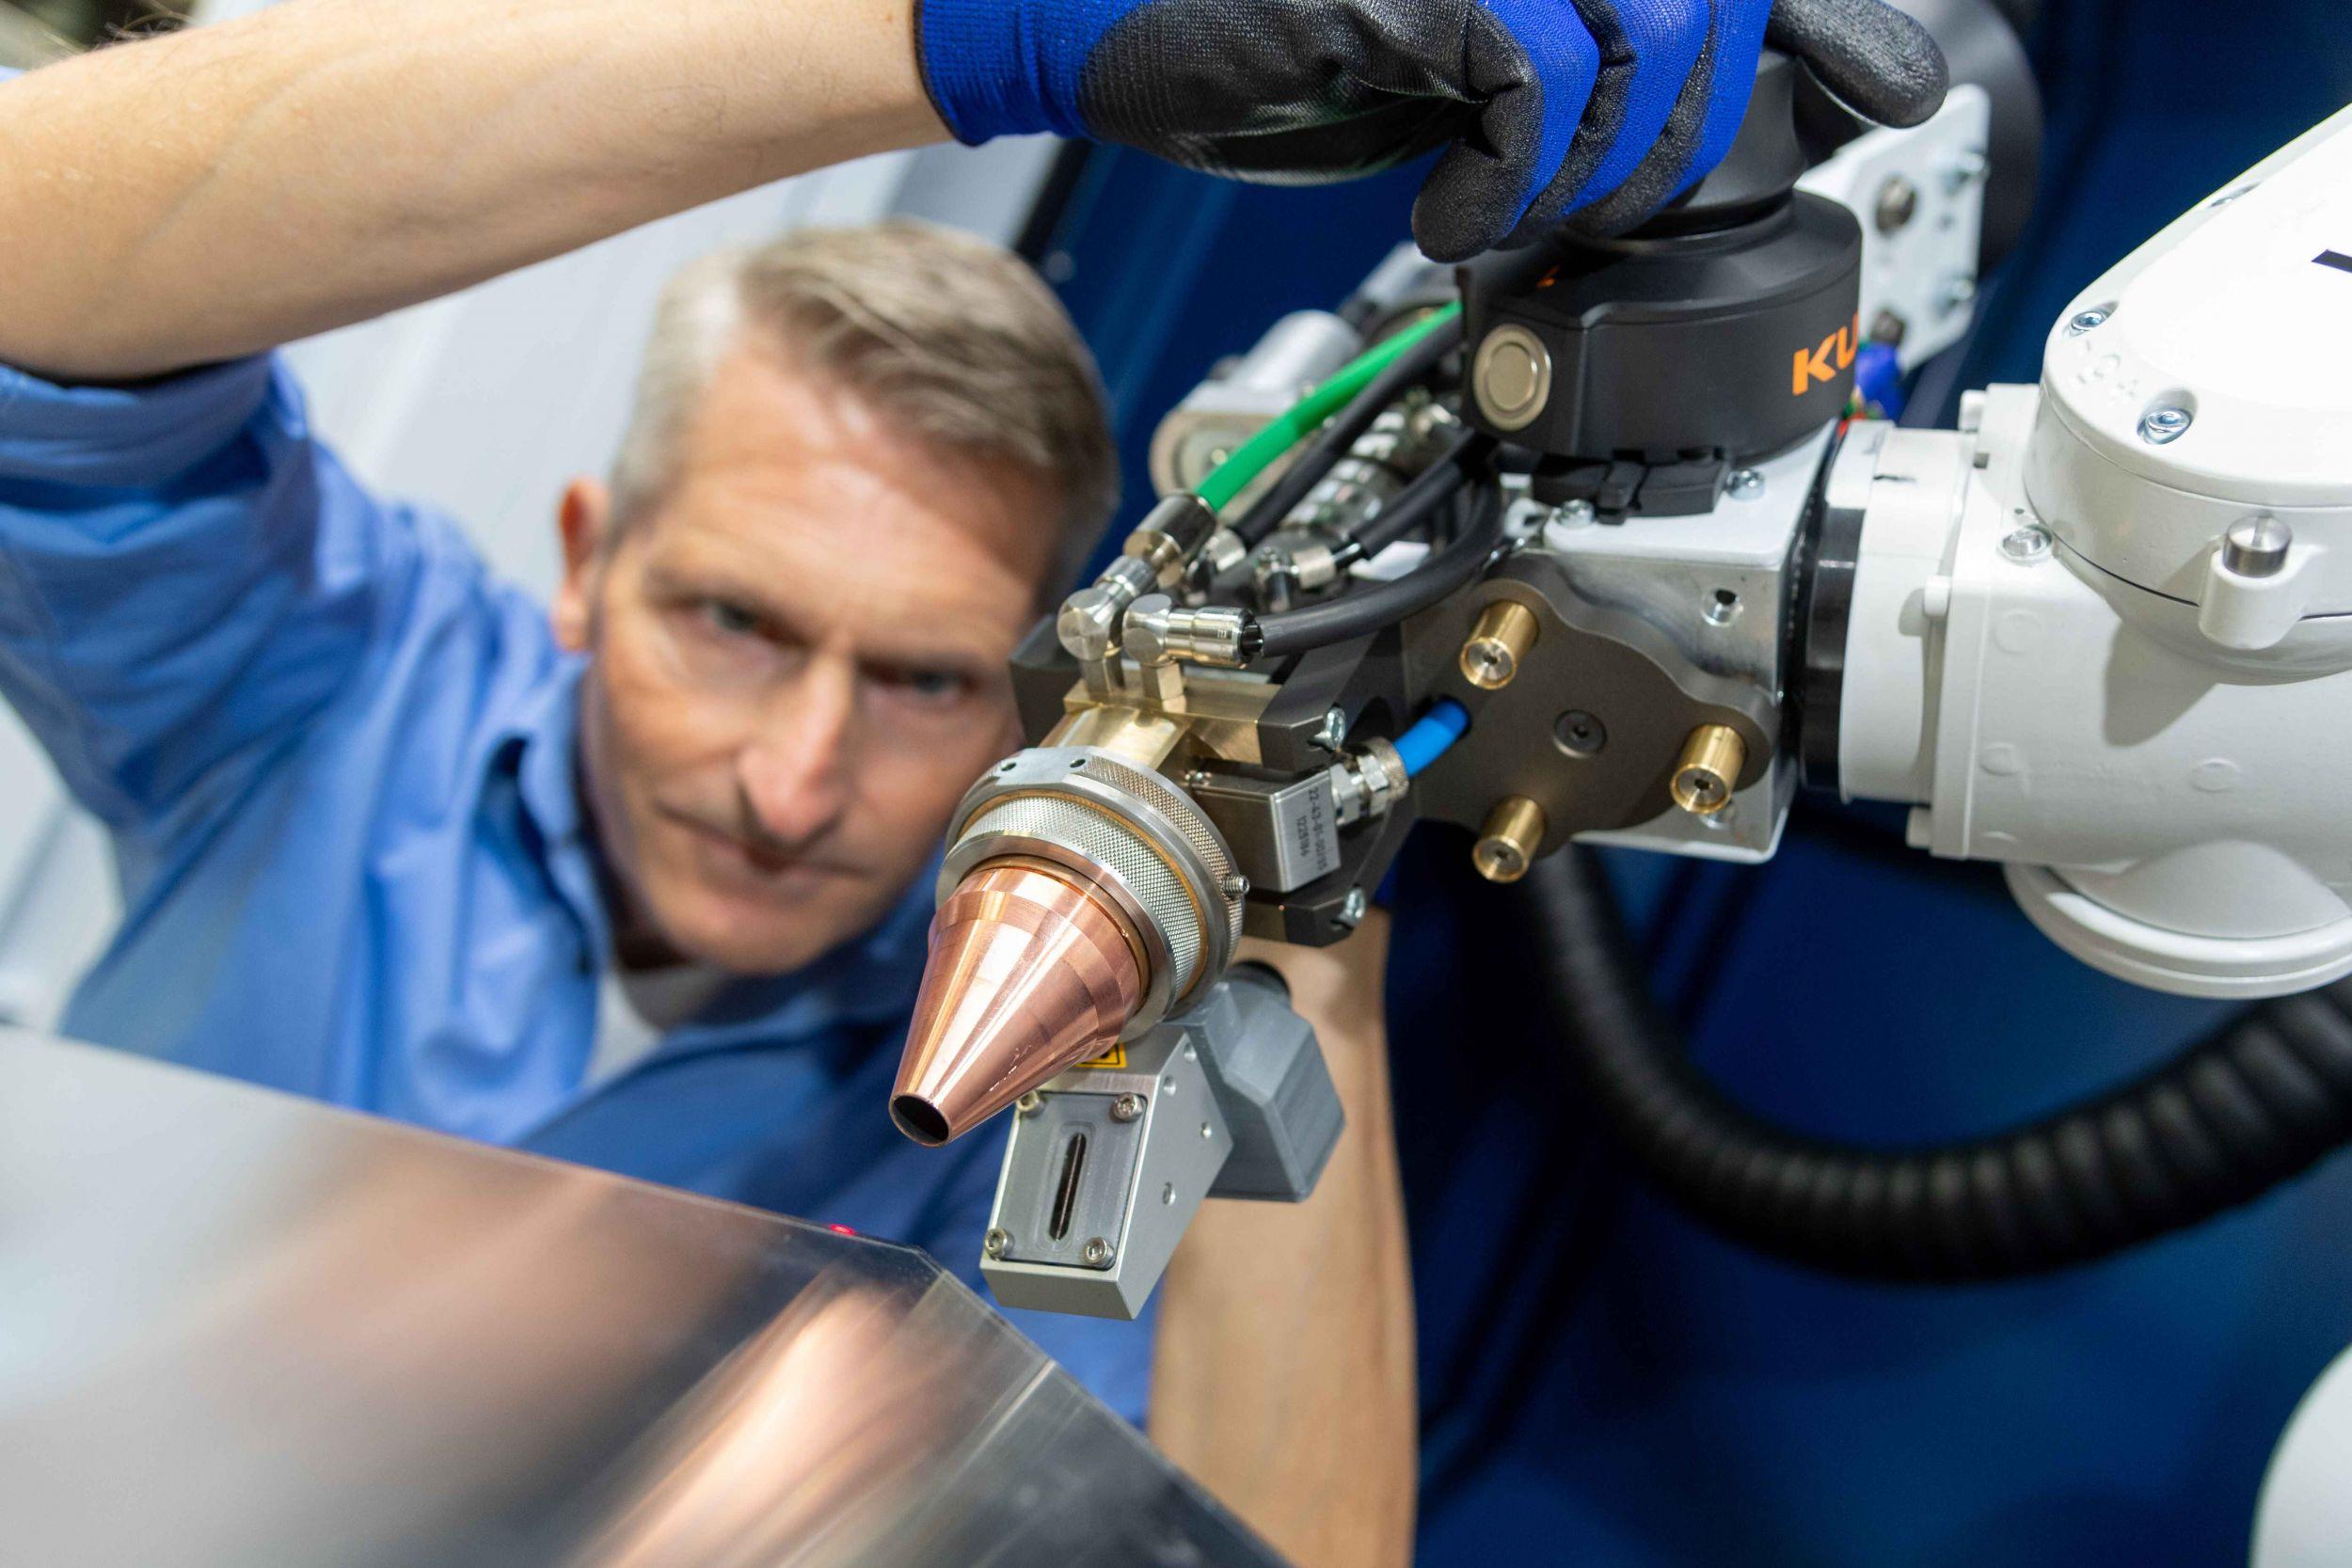 Automatisiertes Laserschweißen auch für kleinere Betriebe